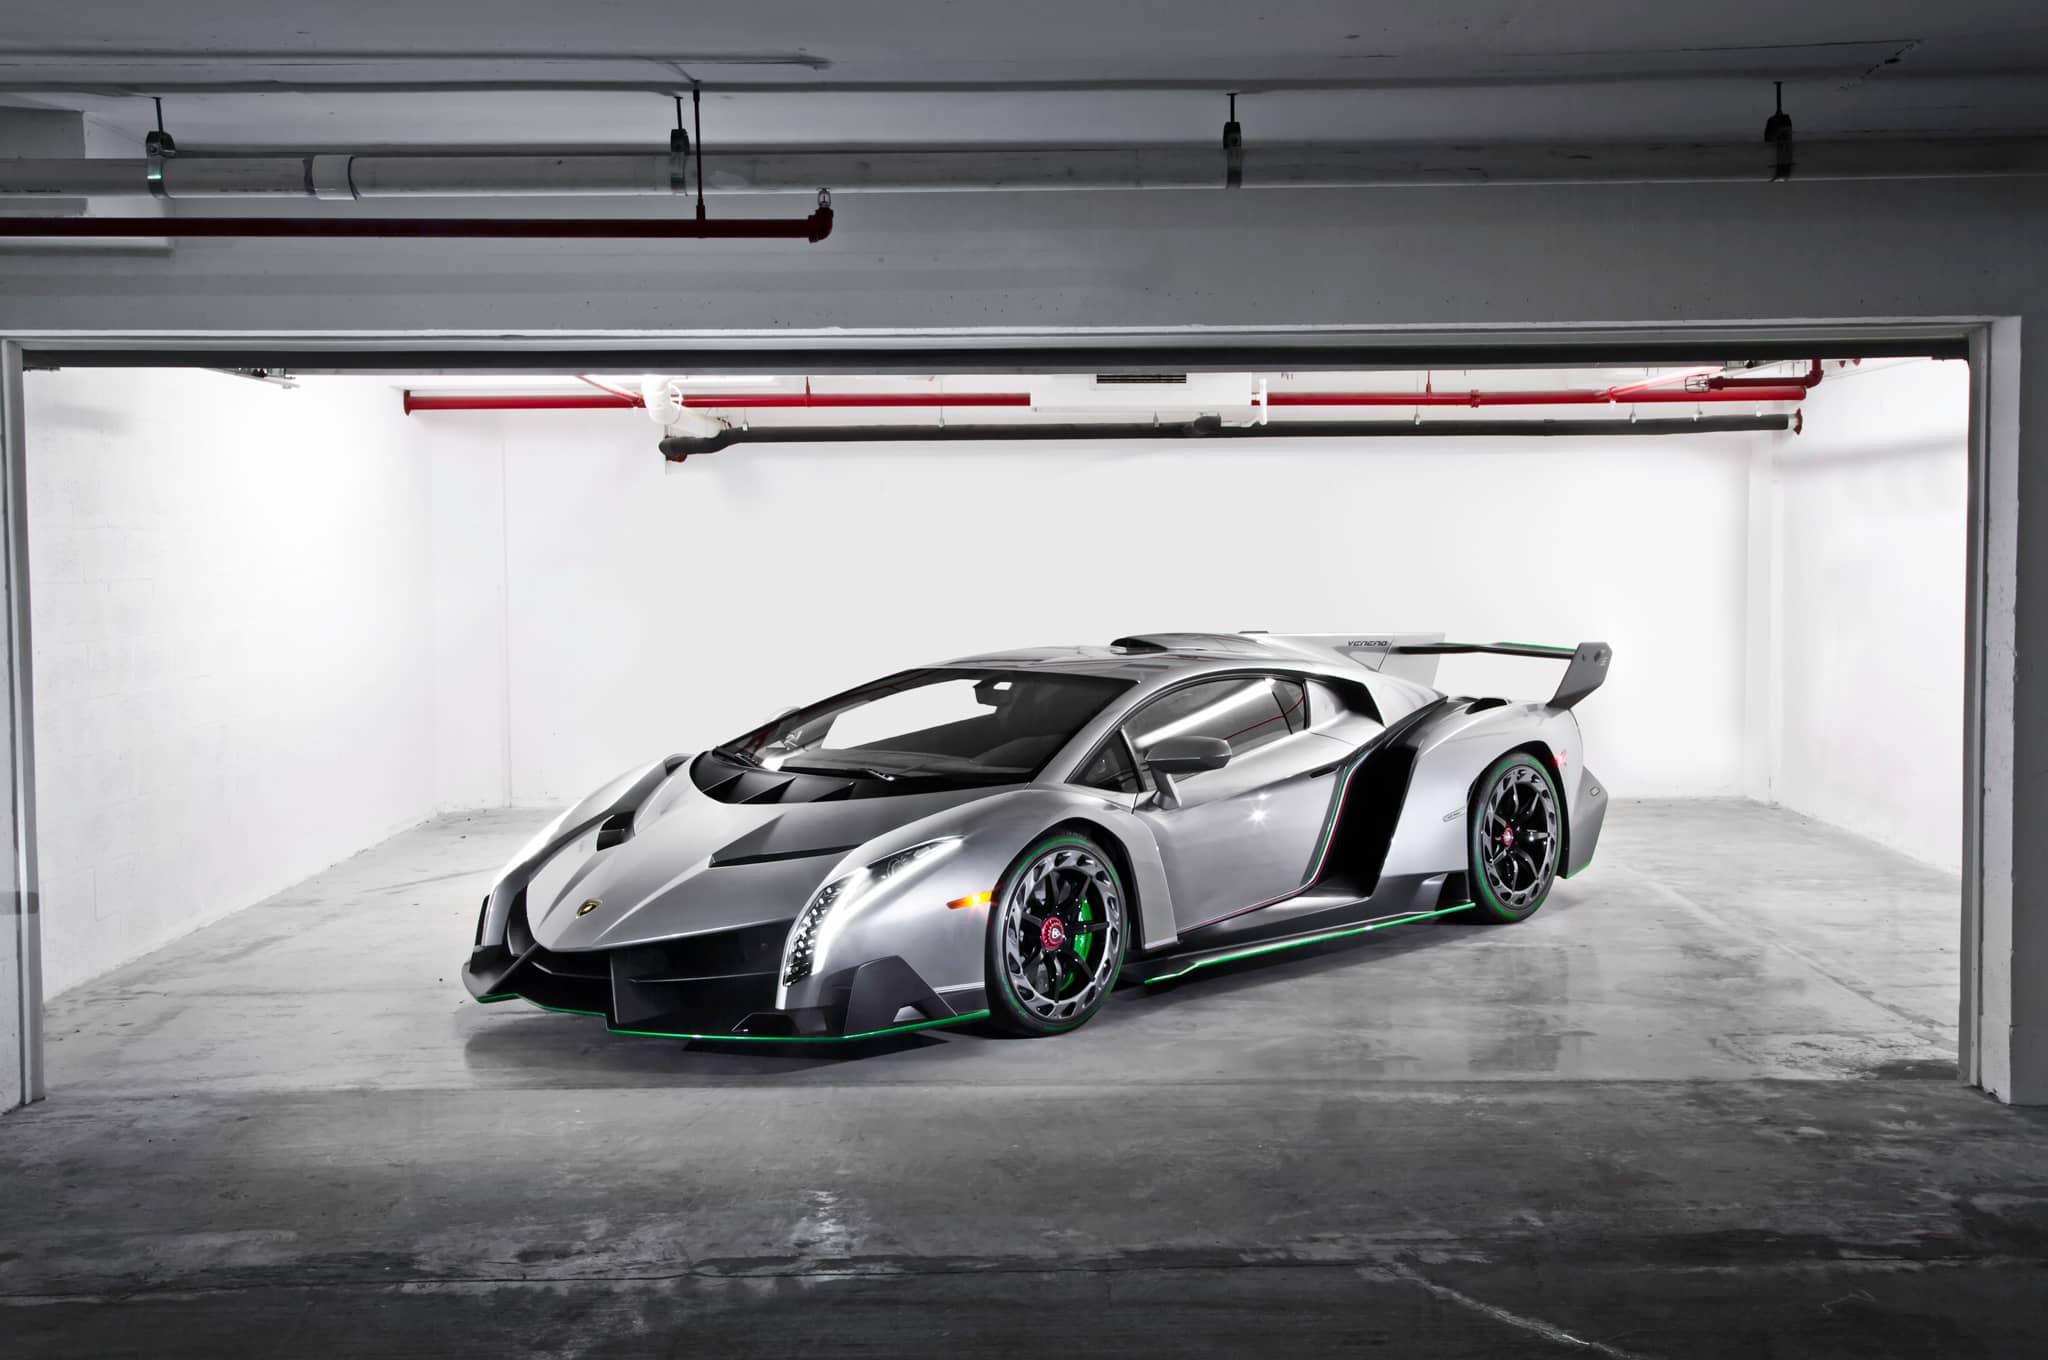 Состоялась перепродажа Lamborghini Veneno, его цена возросла в трое после номинальной цены.